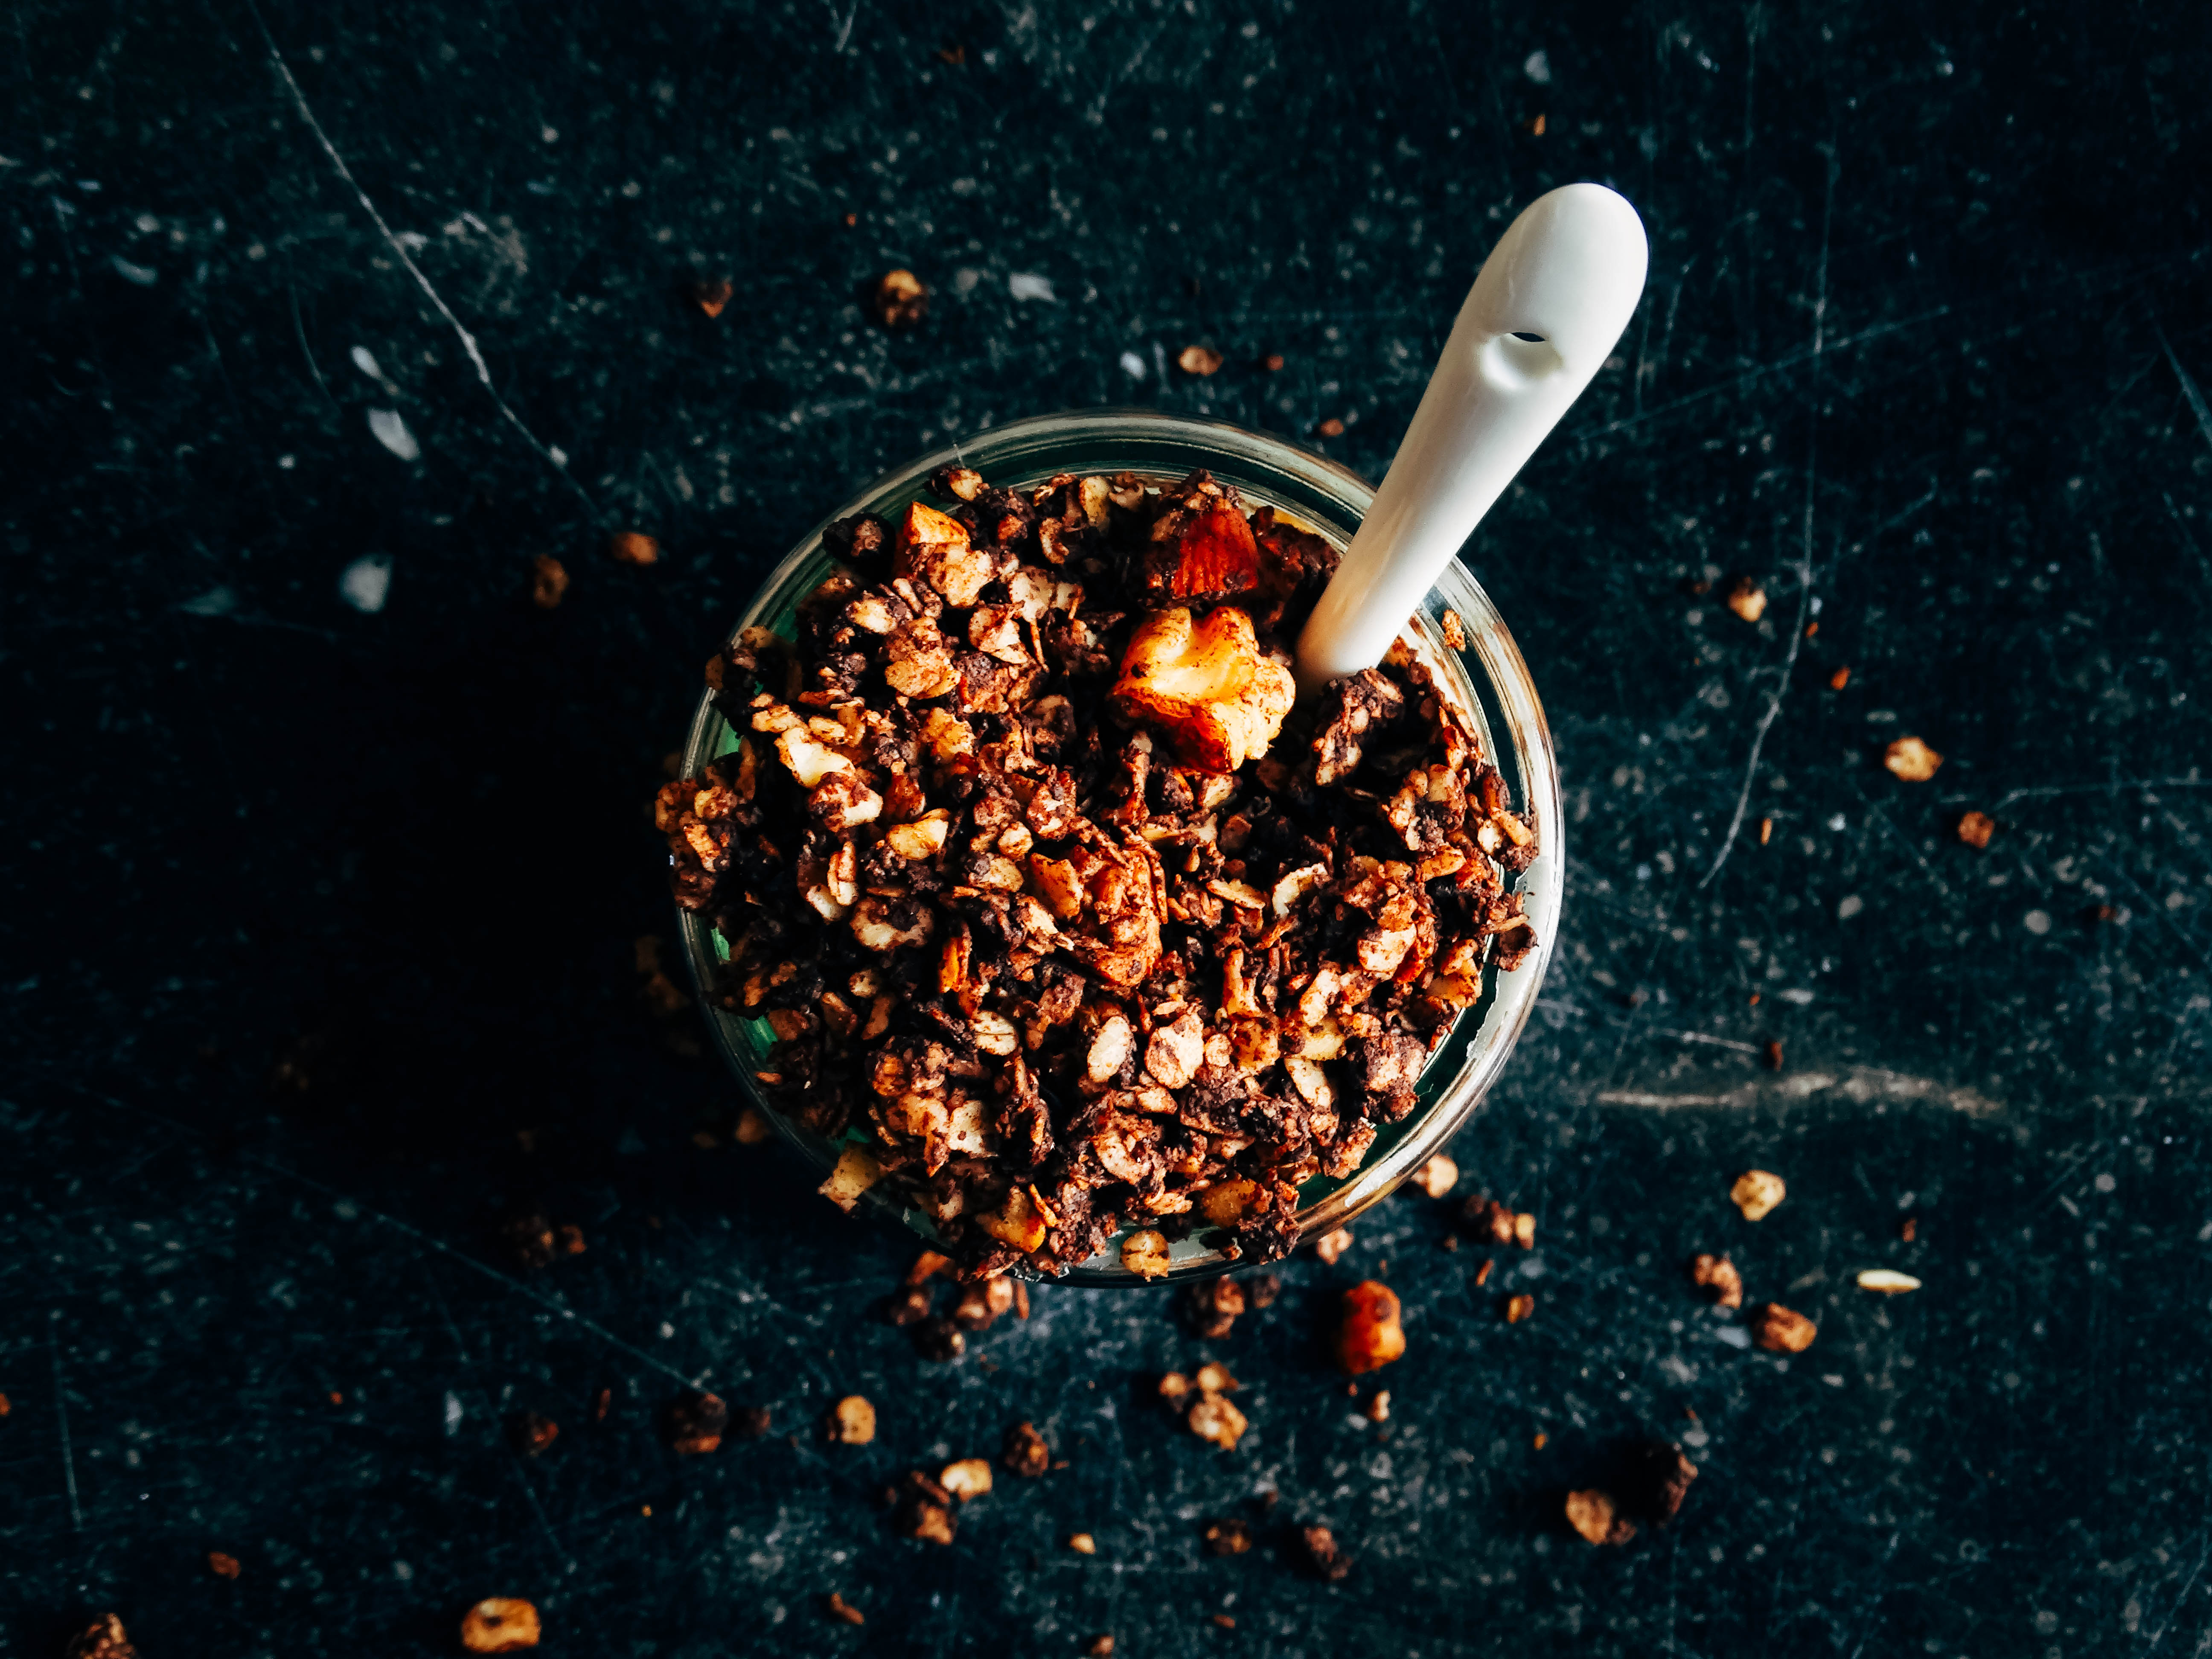 Recept van de maand #20: drie brunchrecepten voor Pasen